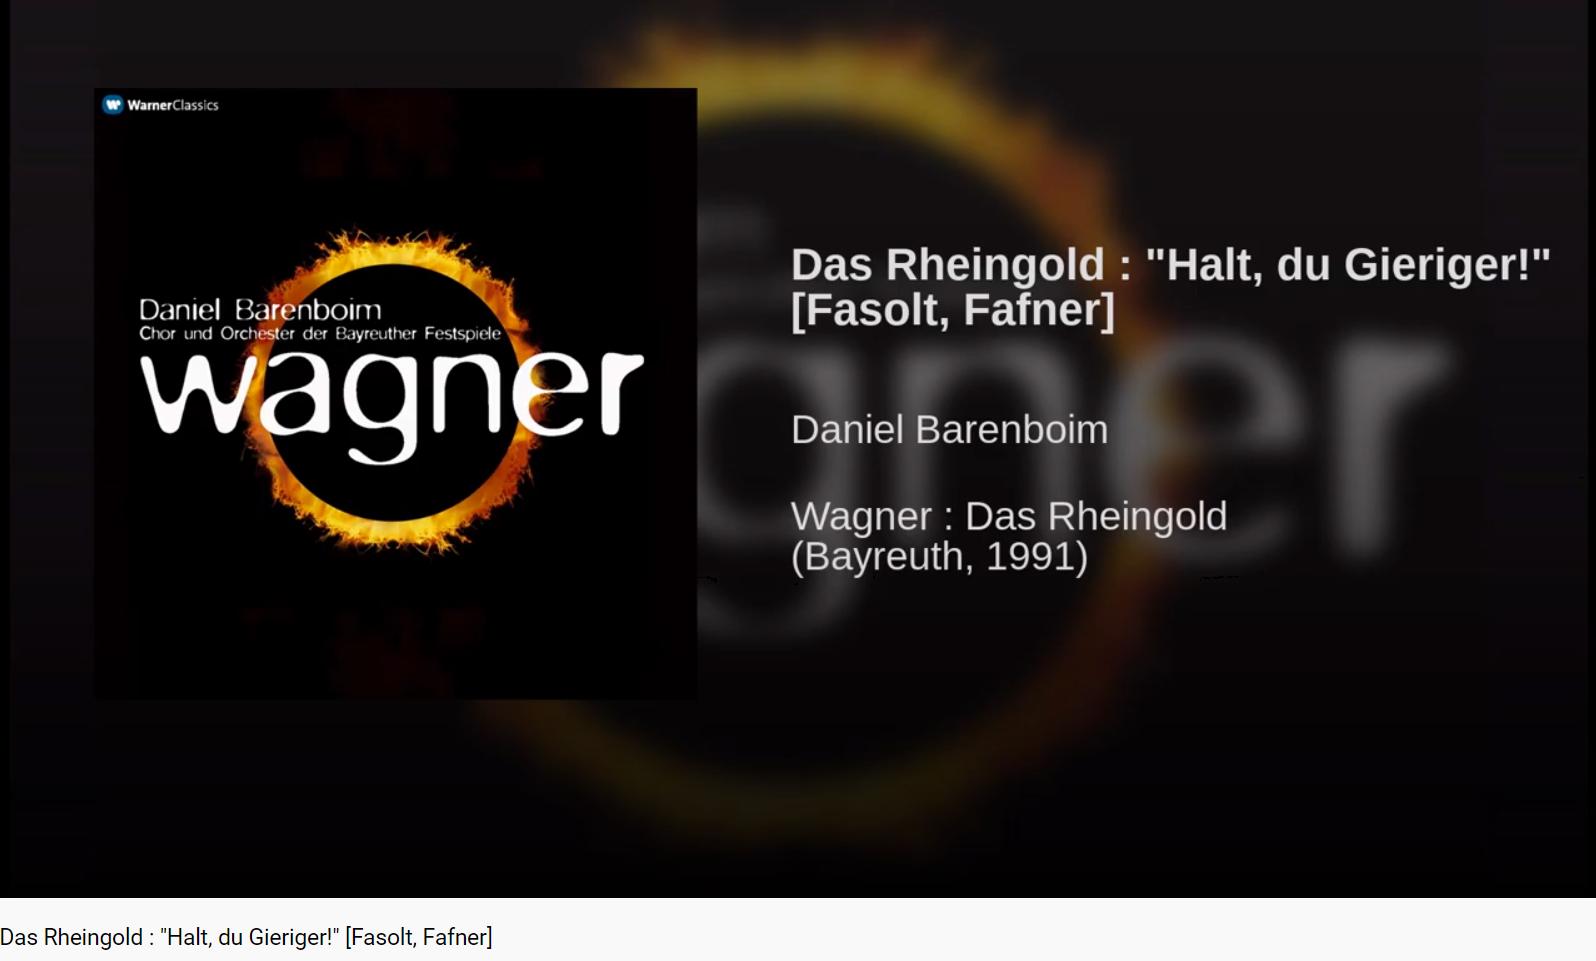 Wagner Rheingold HAlt, du Gieriger